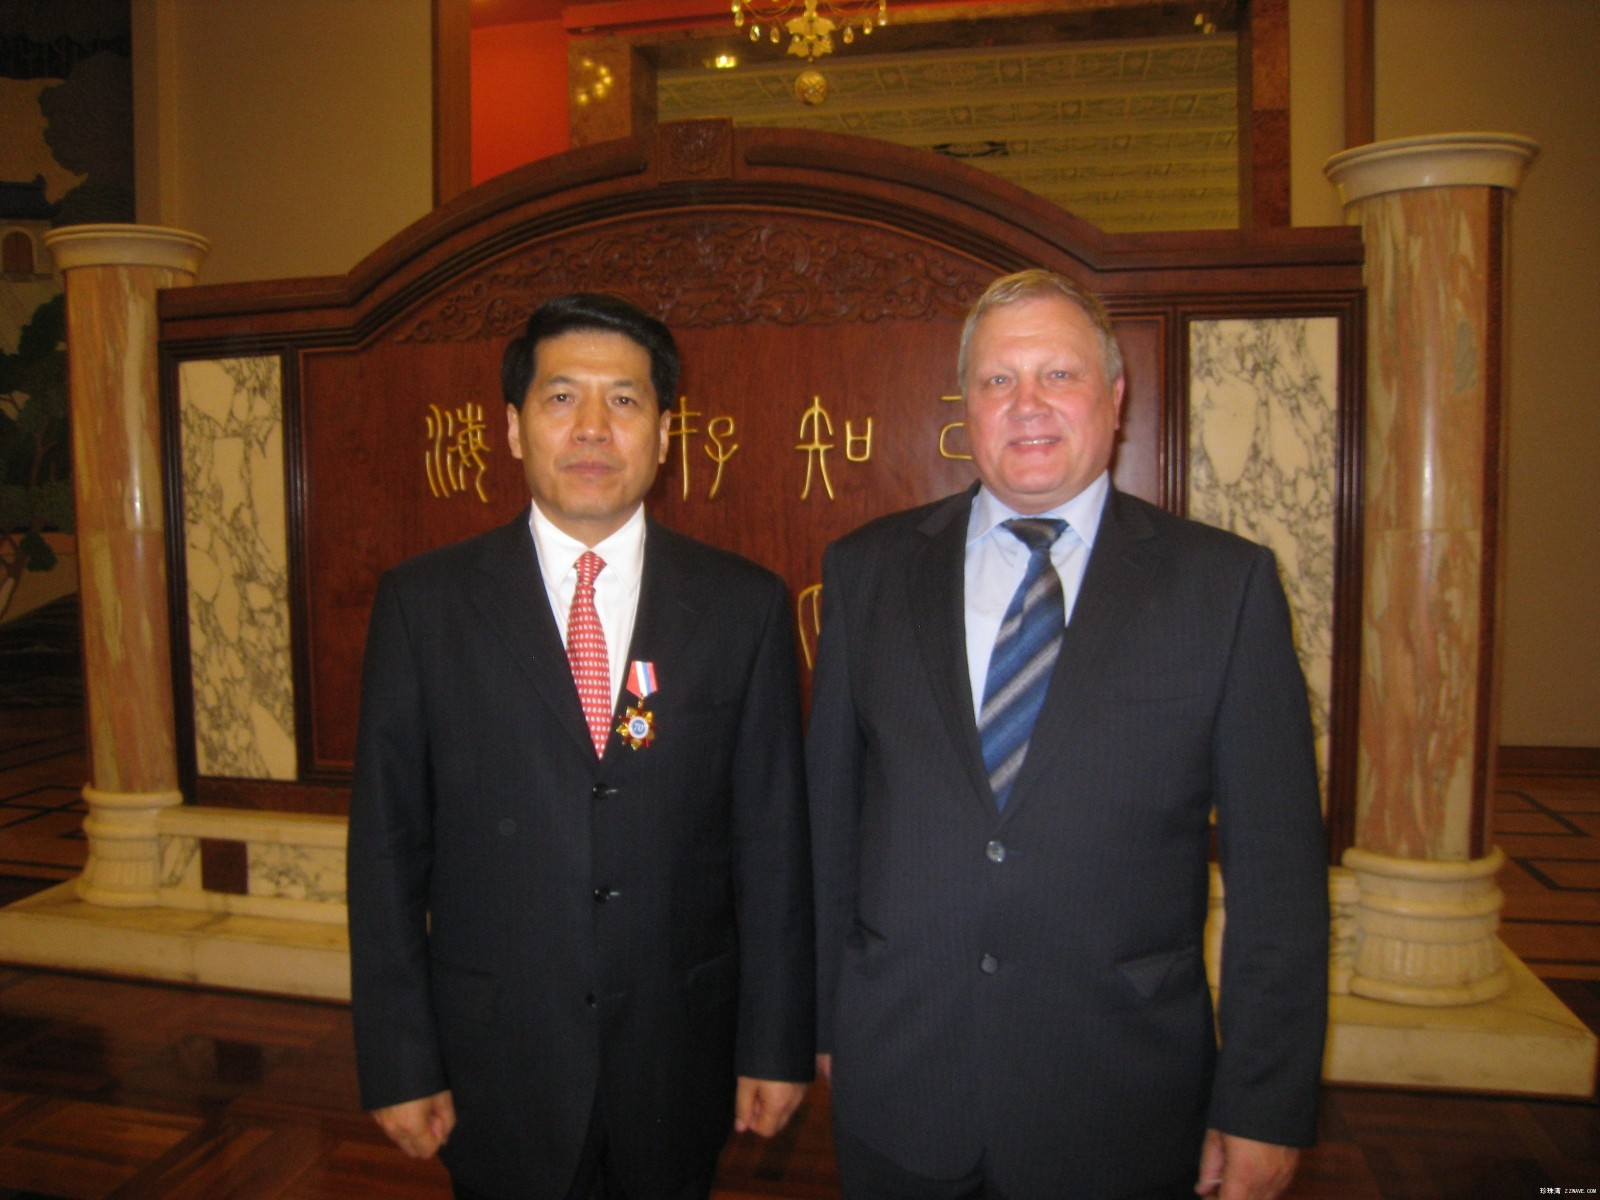 原创:在大使馆里的国庆63周年招待会 - lliiang1017 - 燕山红场的博客